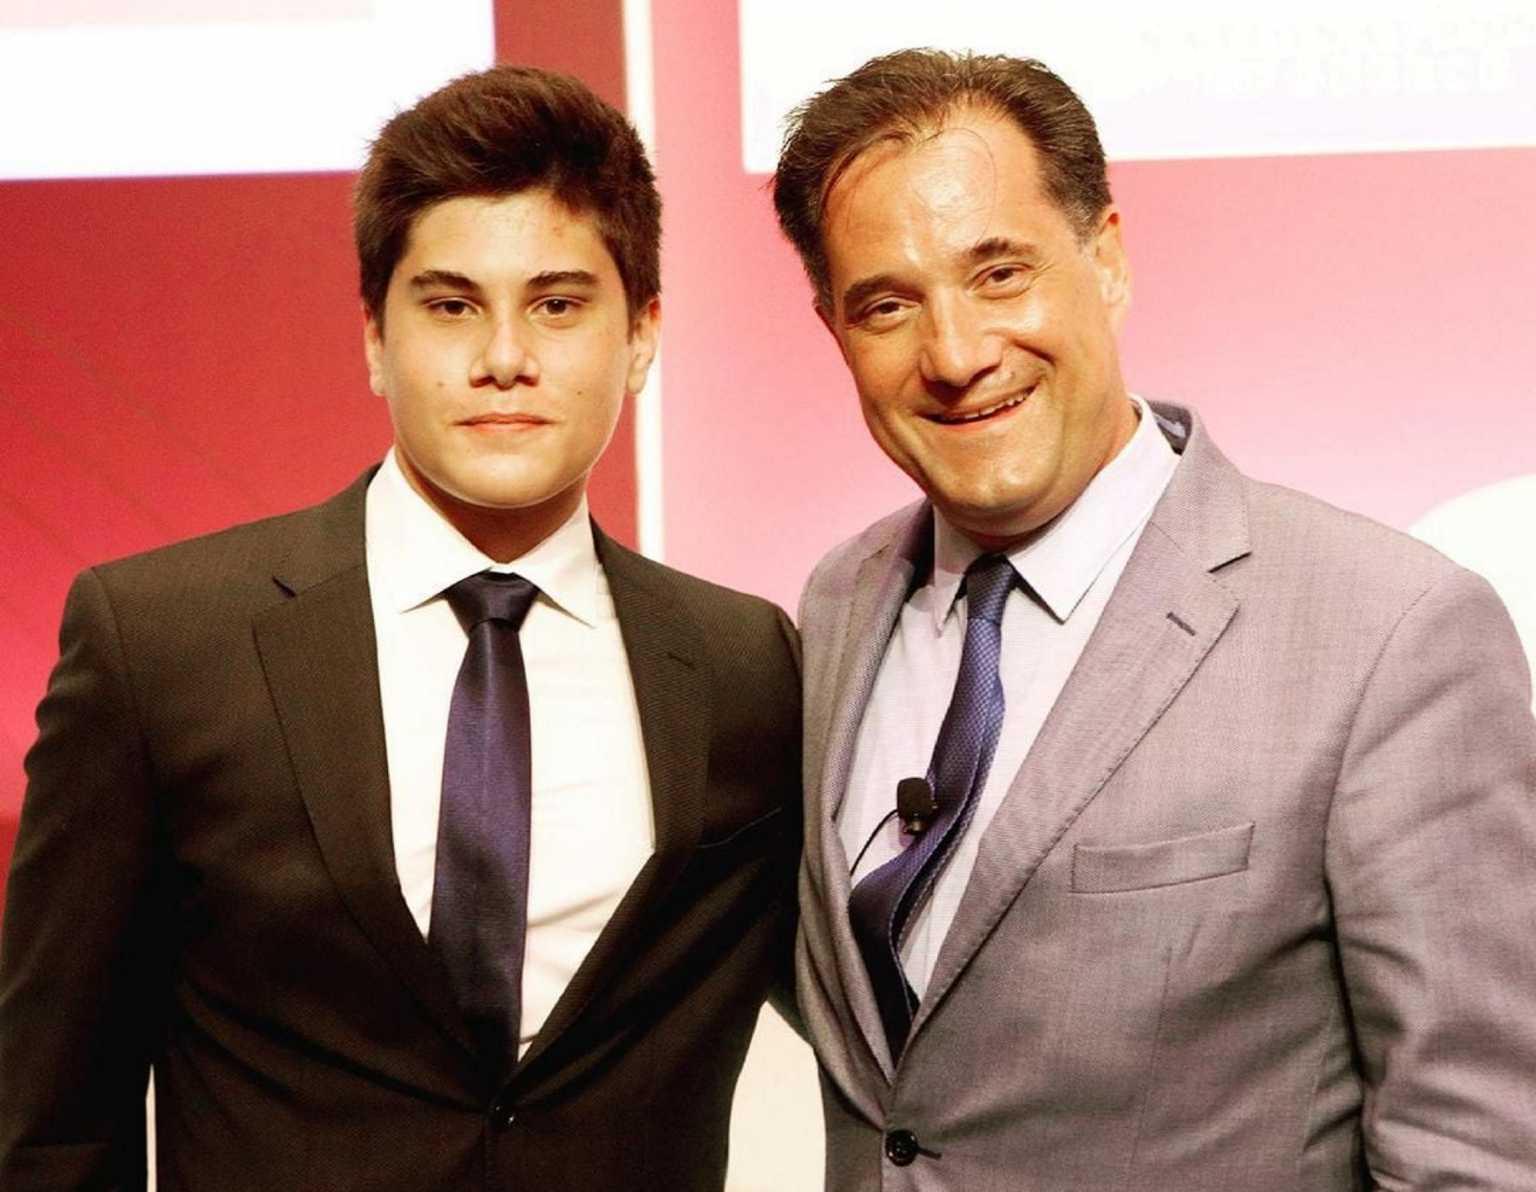 Πανευτυχής ο Άδωνις Γεωργιάδης με τον γιο του Αθανάσιο – Περσέα στο συνέδριο του Economist